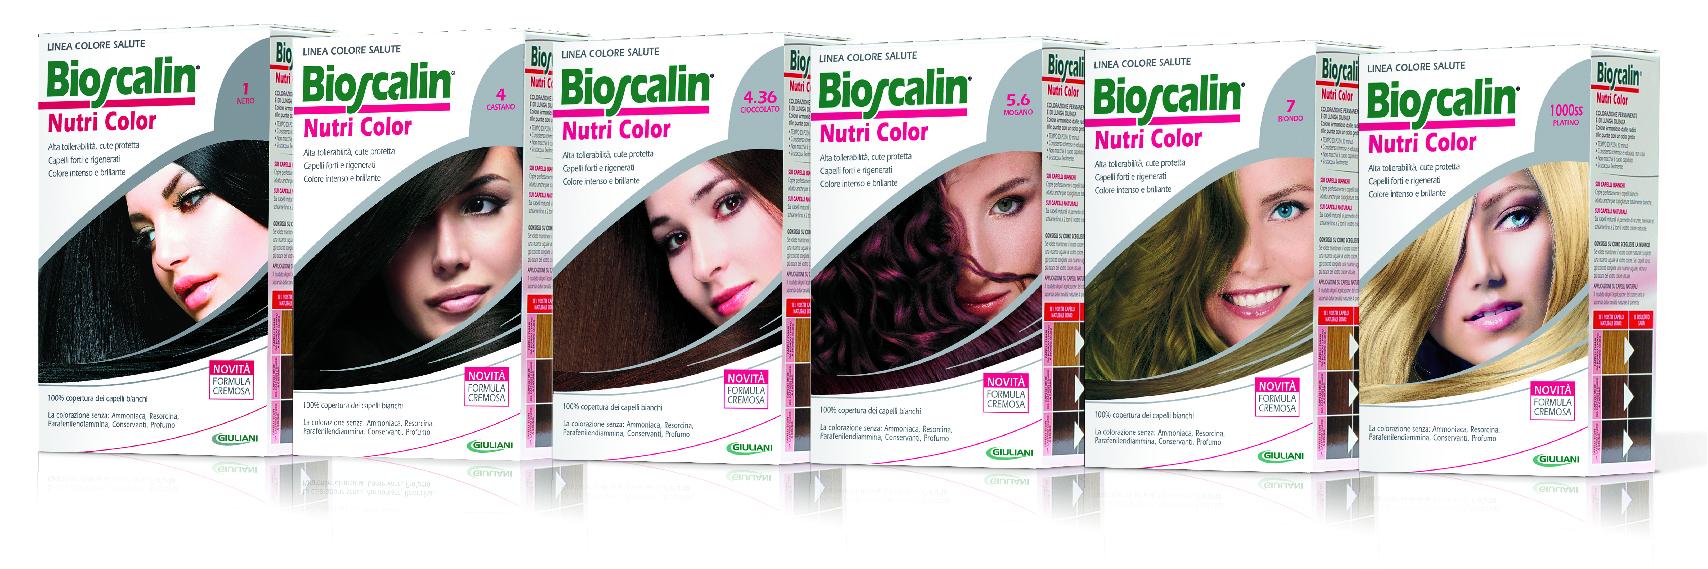 Bioscalin® Nutri Color Balsamo, il trattamento anti-caduta che rispetta il capello